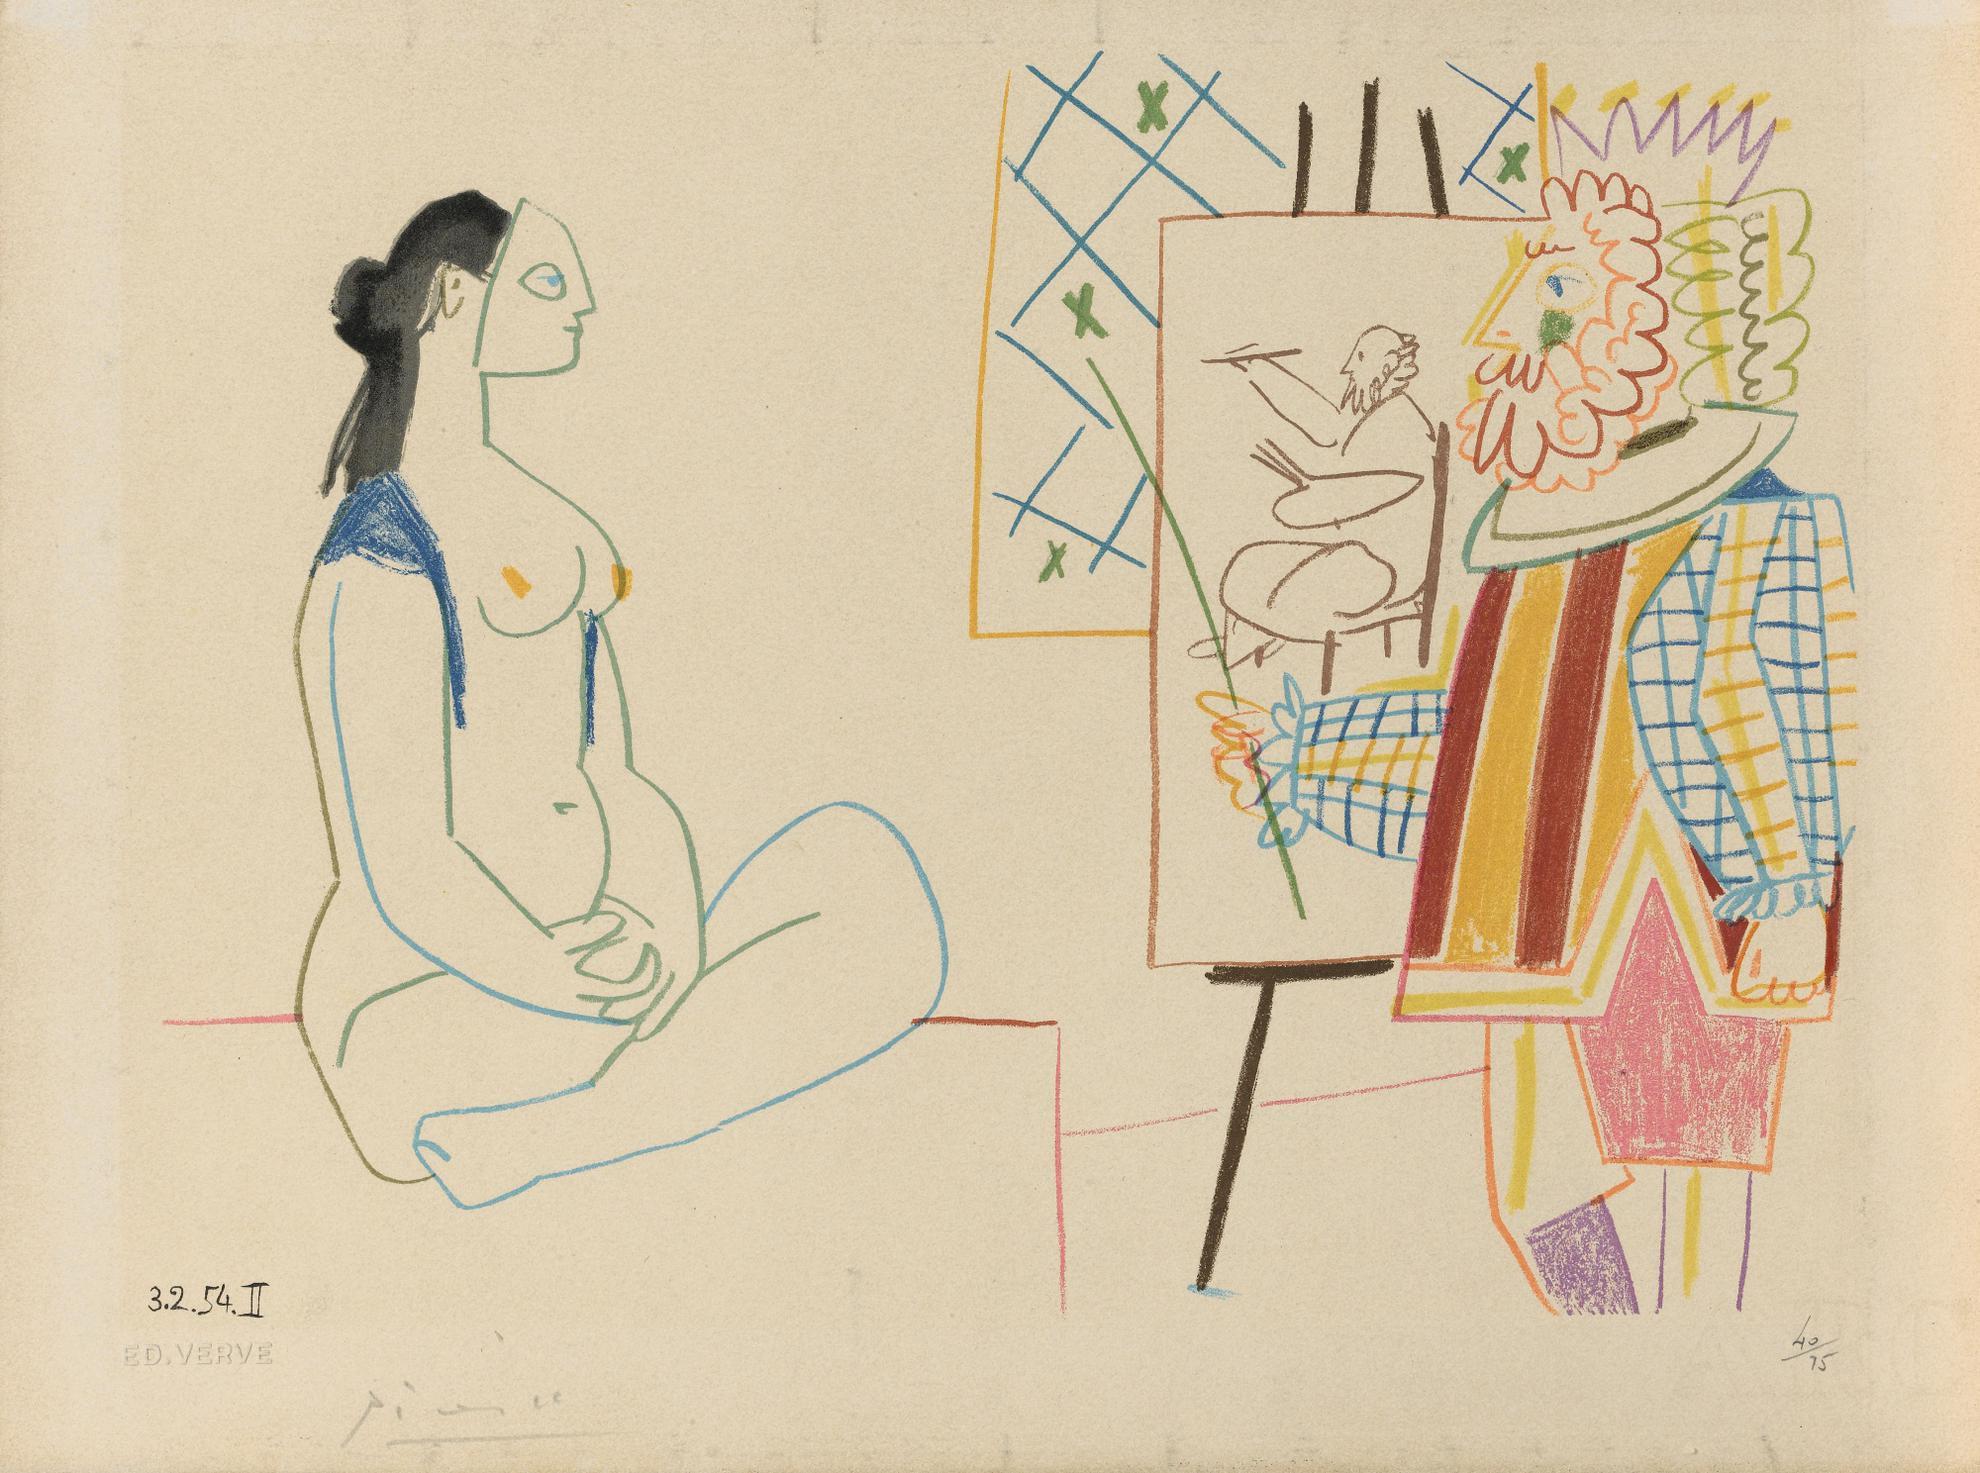 D'Apres Pablo Picasso - Untitled-1954